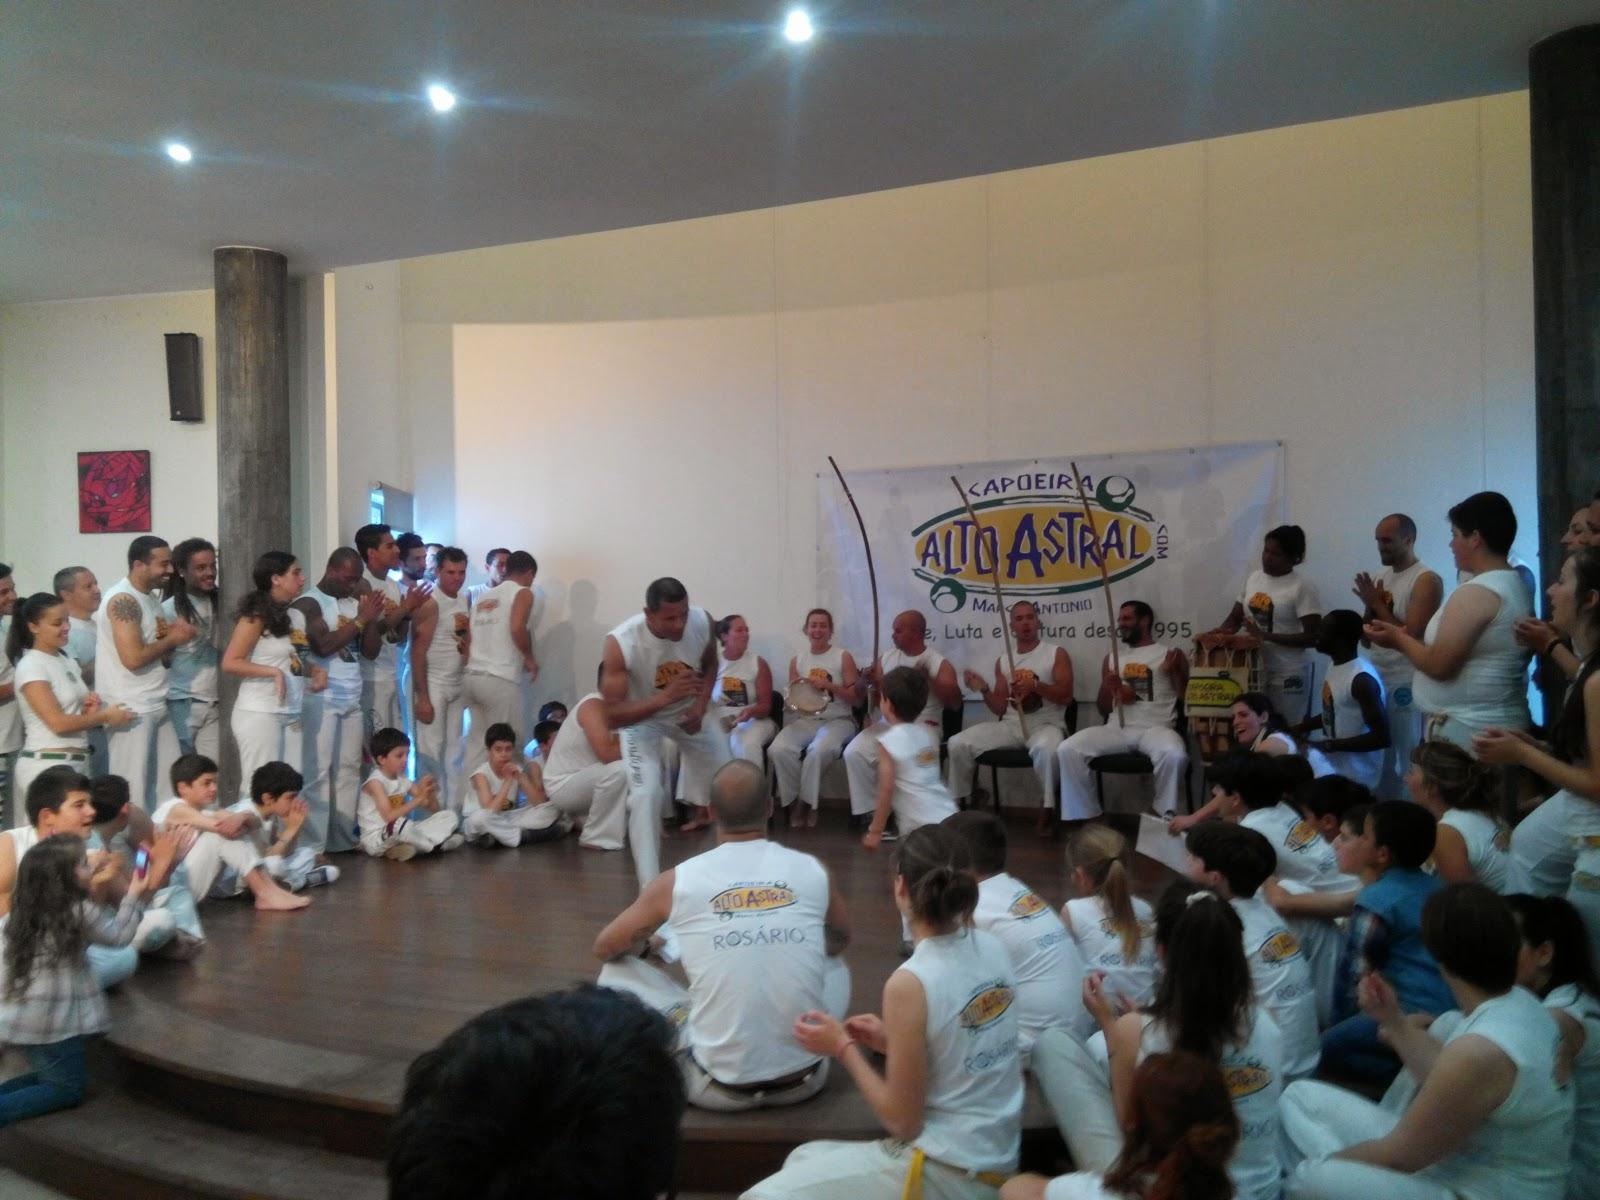 Capoeira Alto Astral